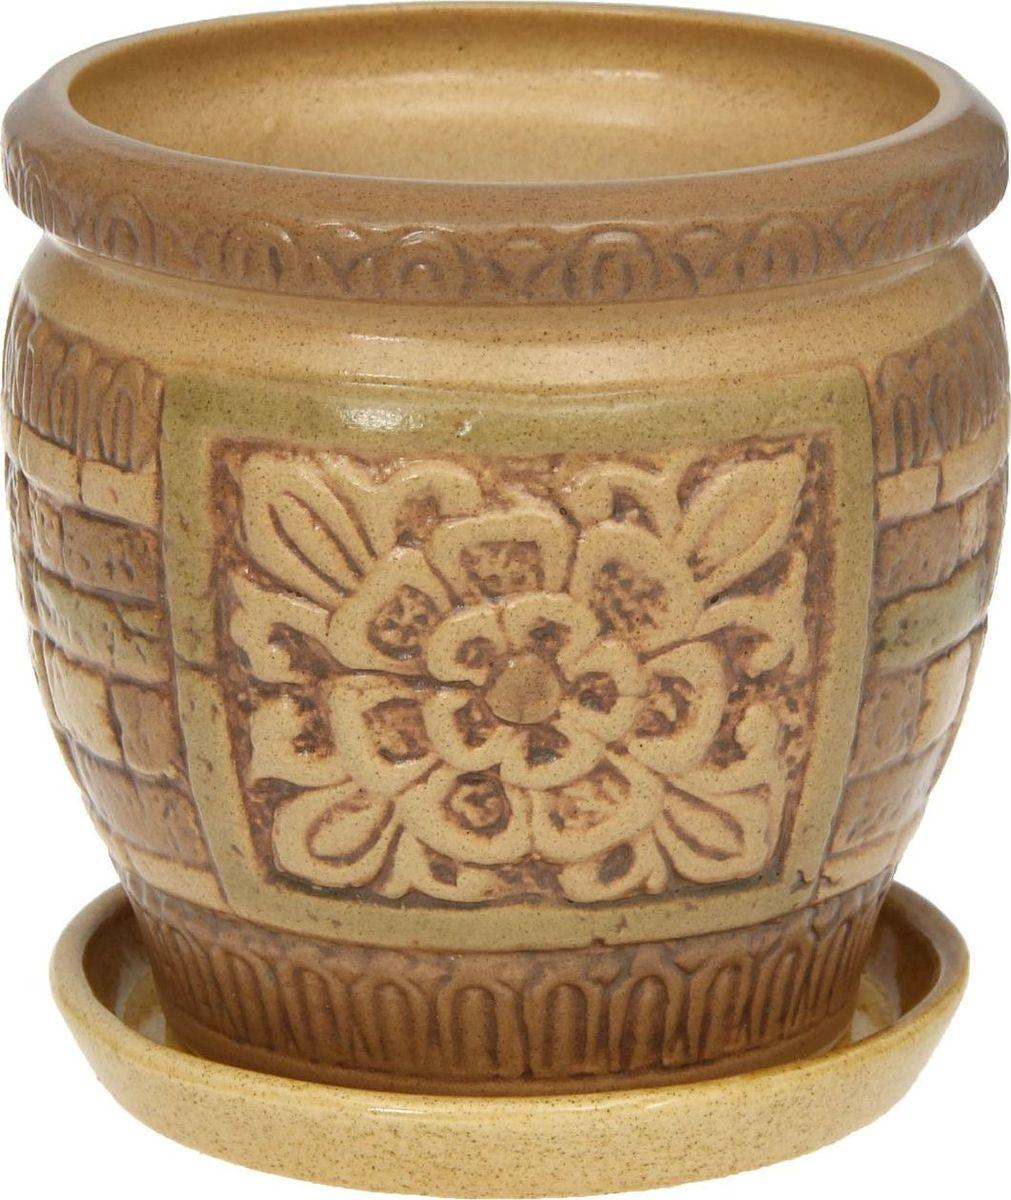 Кашпо Ангкор, 1,25 л1181377Комнатные растения — всеобщие любимцы. Они радуют глаз, насыщают помещение кислородом и украшают пространство. Каждому из них необходим свой удобный и красивый дом. Кашпо из керамики прекрасно подходят для высадки растений: за счёт пластичности глины и разных способов обработки существует великое множество форм и дизайновпористый материал позволяет испаряться лишней влагевоздух, необходимый для дыхания корней, проникает сквозь керамические стенки! #name# позаботится о зелёном питомце, освежит интерьер и подчеркнёт его стиль.